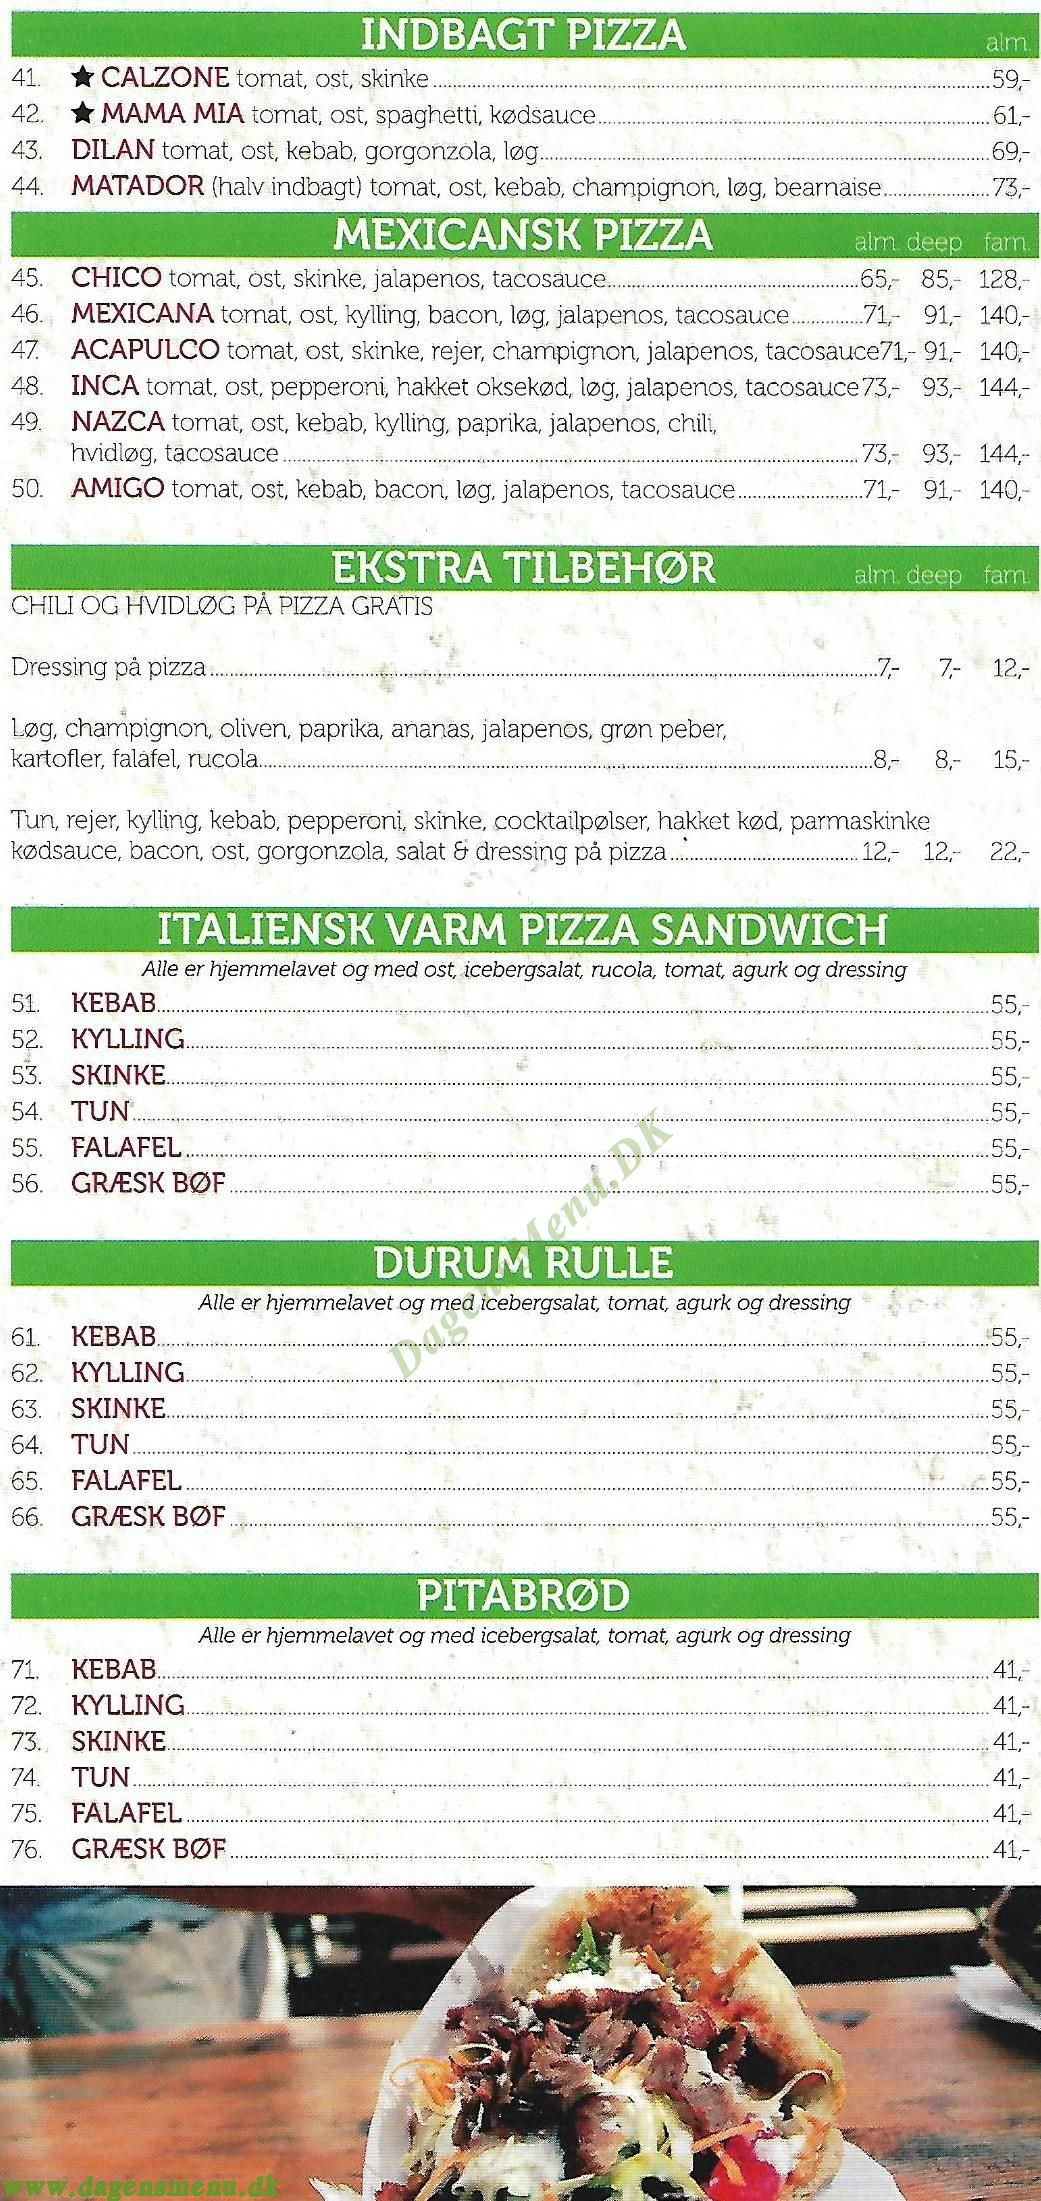 Valantinos Pizza - Menukort